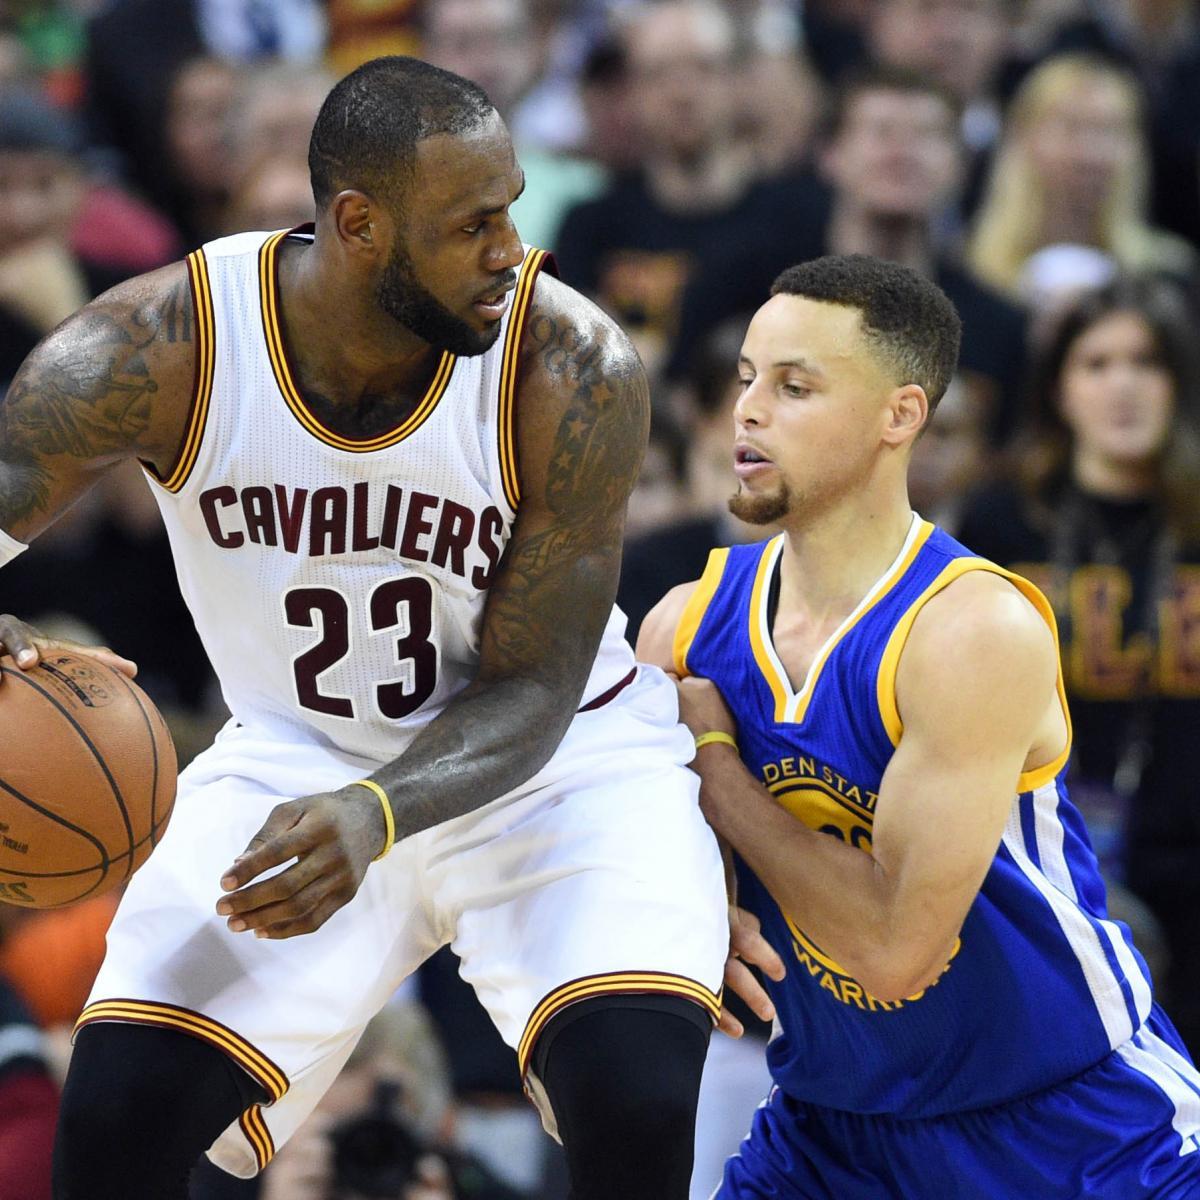 Warriors Game Broadcast Tv: Cavaliers Vs. Warriors Game 7 TV Schedule, Live Stream